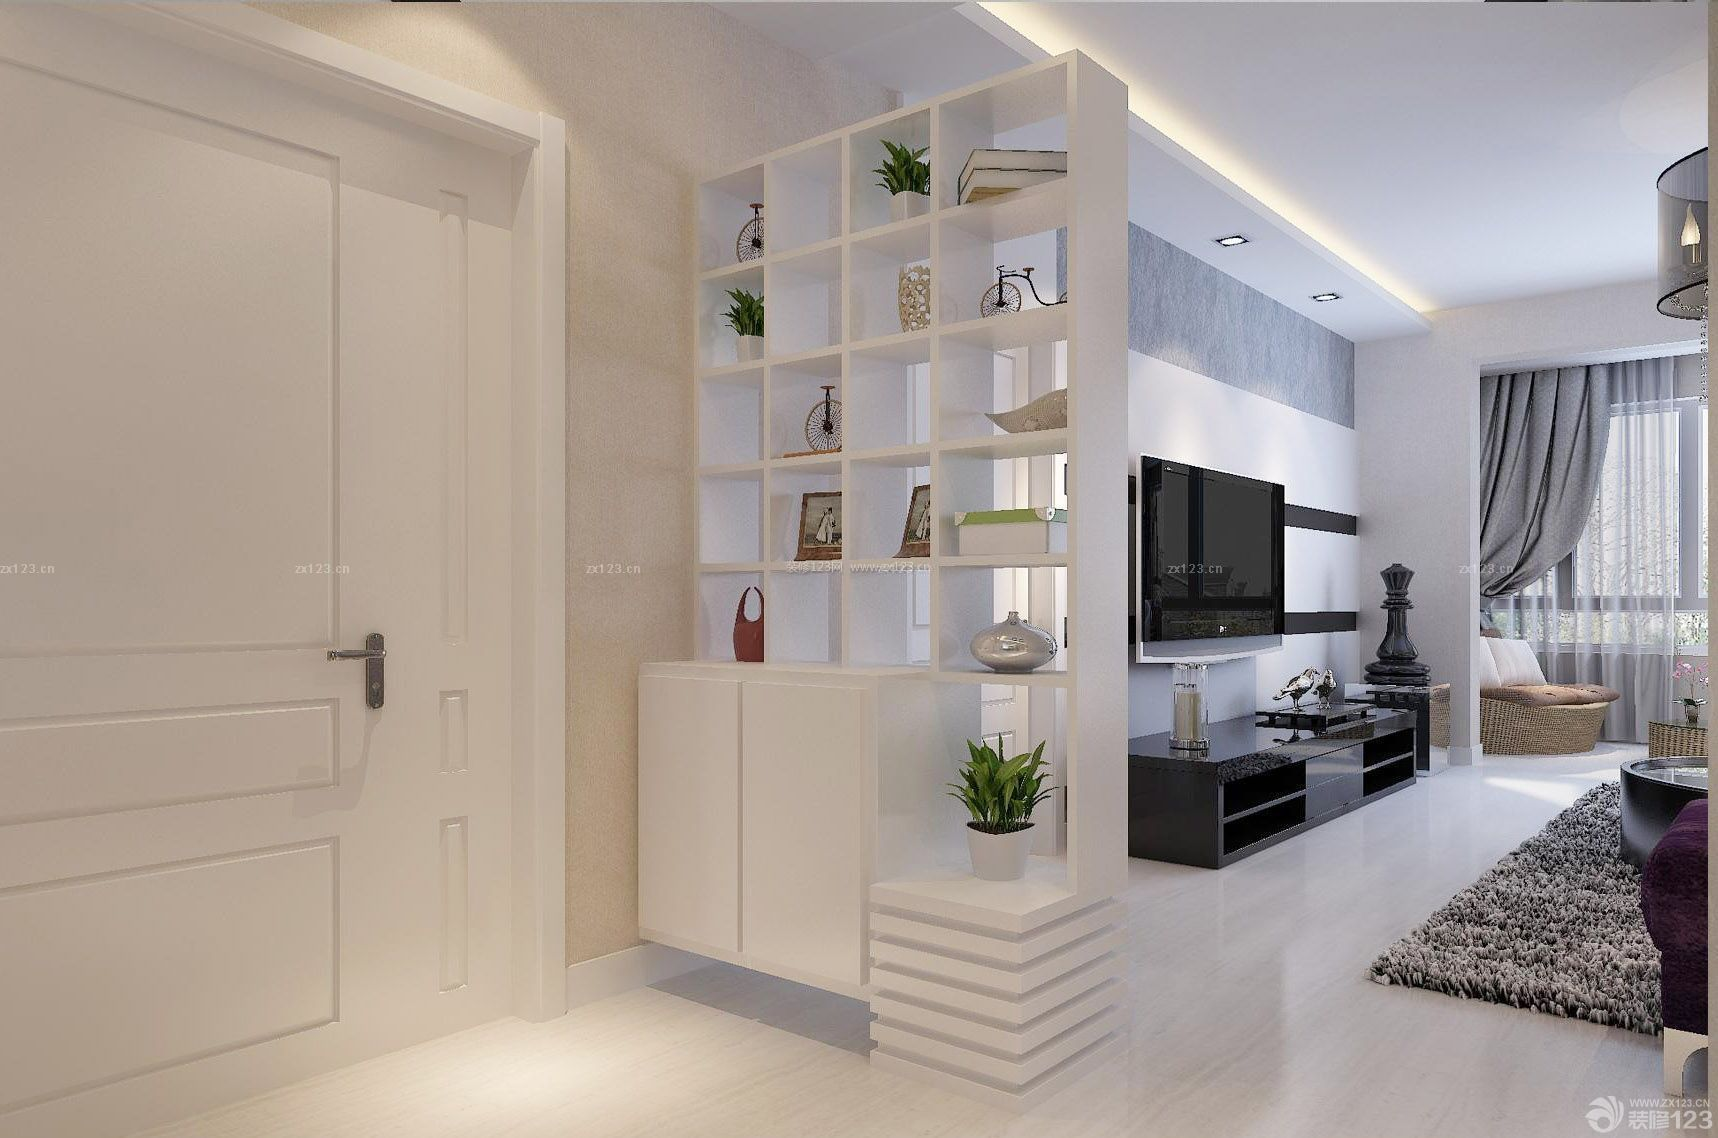 100平米房子门口玄关装修设计图 _装修123效果图